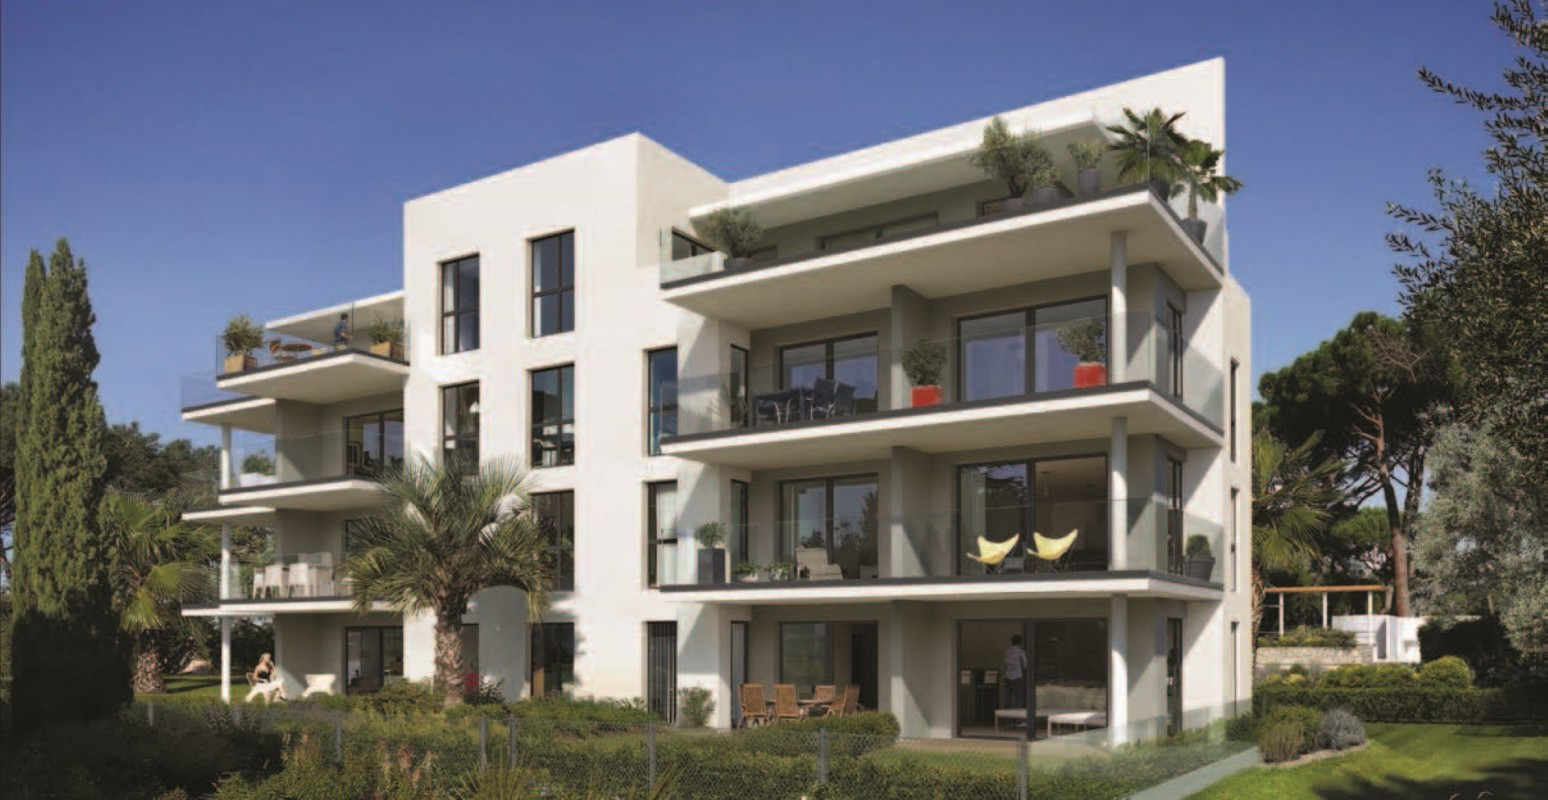 Antibes'de 64m² satılık muhteşem Daire - Antibes'de, Fransa'da'daki en güzel satılık villa ve daire ilanları burada. Emlak listemizden size en uygun ilanı seçip Antibes'de'deki emlak ofisiyle iletişime geçin. 450000 EUR 28.1.2020 1703642